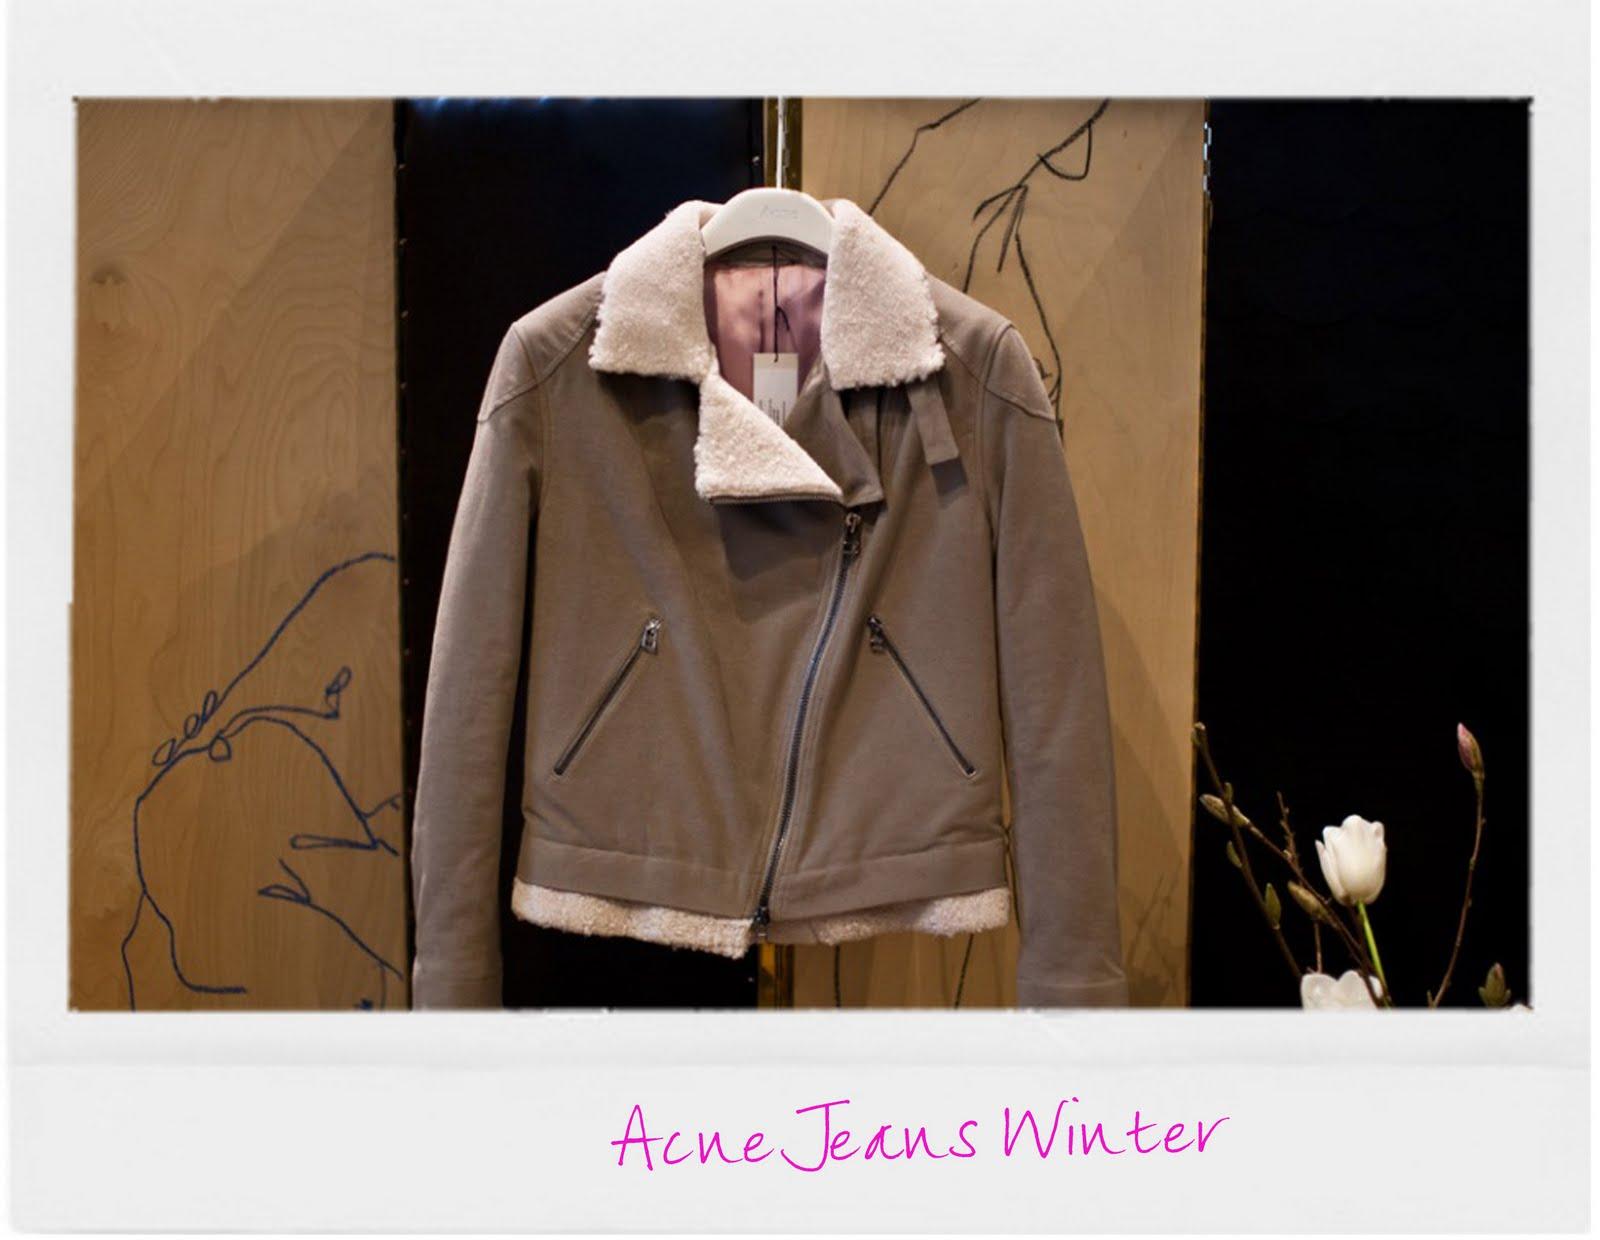 http://3.bp.blogspot.com/_bWh_mXIyDMw/S6zd_fALa1I/AAAAAAAACEI/Hj65LPwrMxY/s1600/acne+jeans+winter+1103.jpg